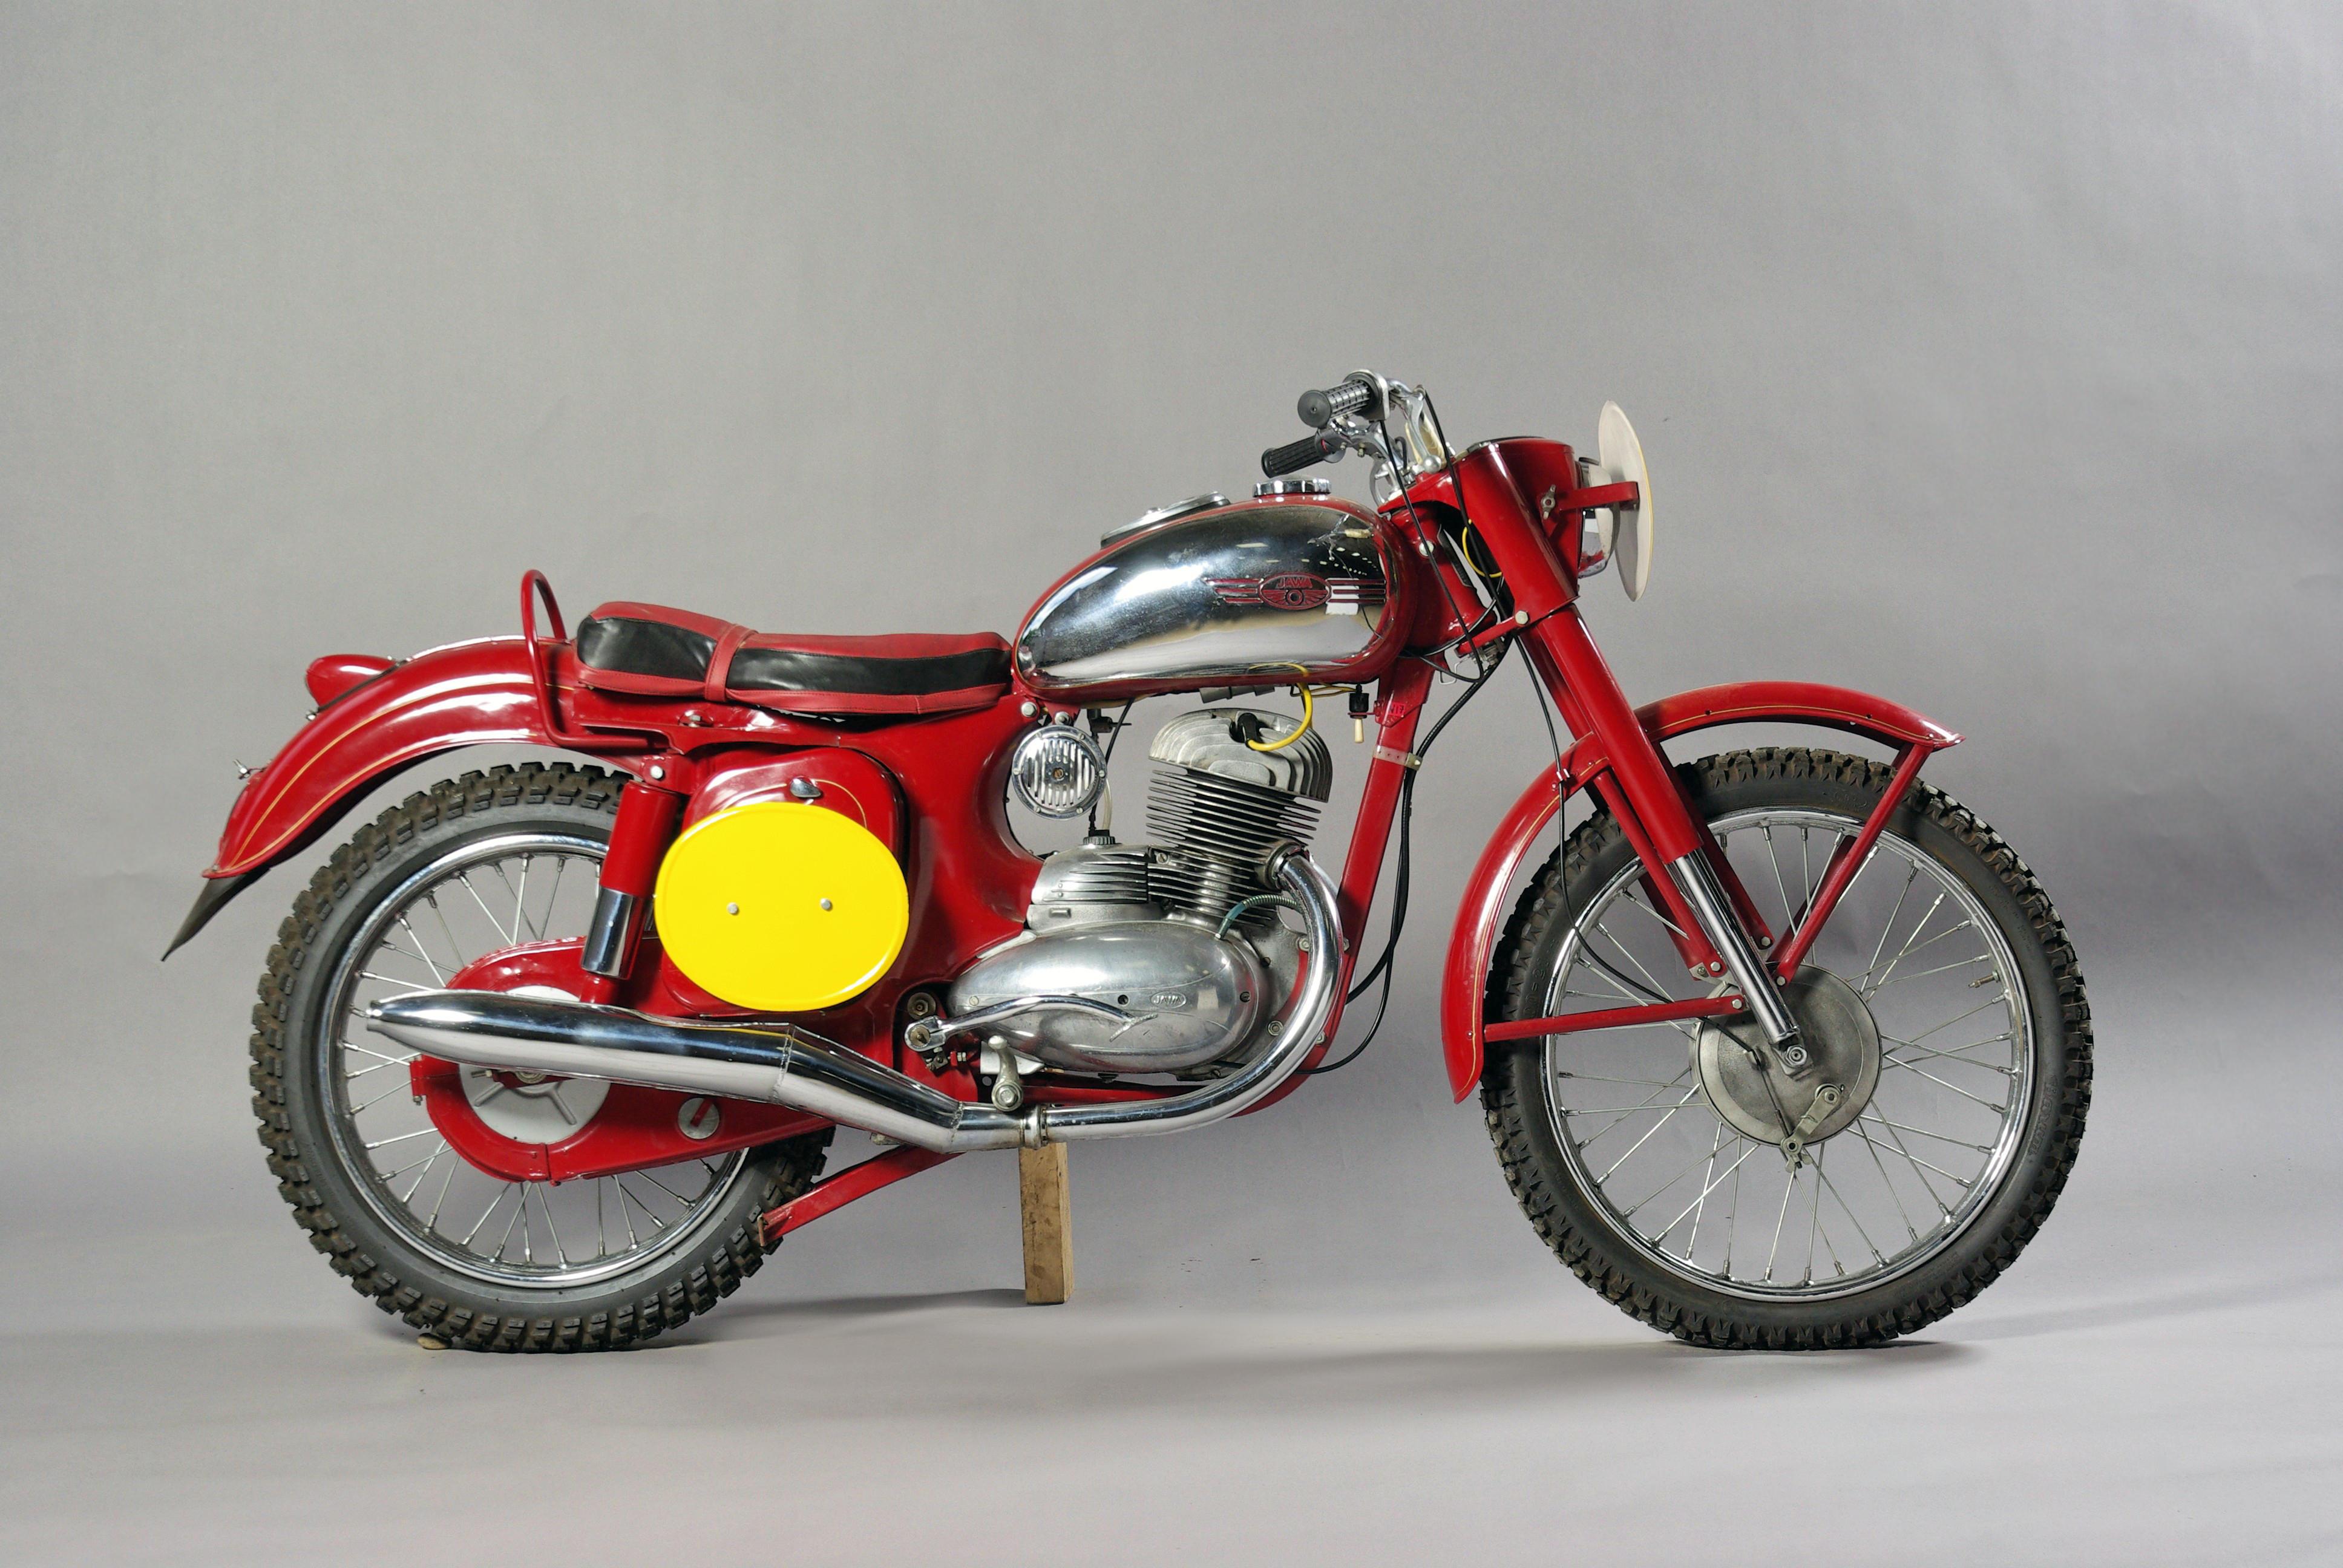 1961 Jawa 250cc Type 553 ISDT